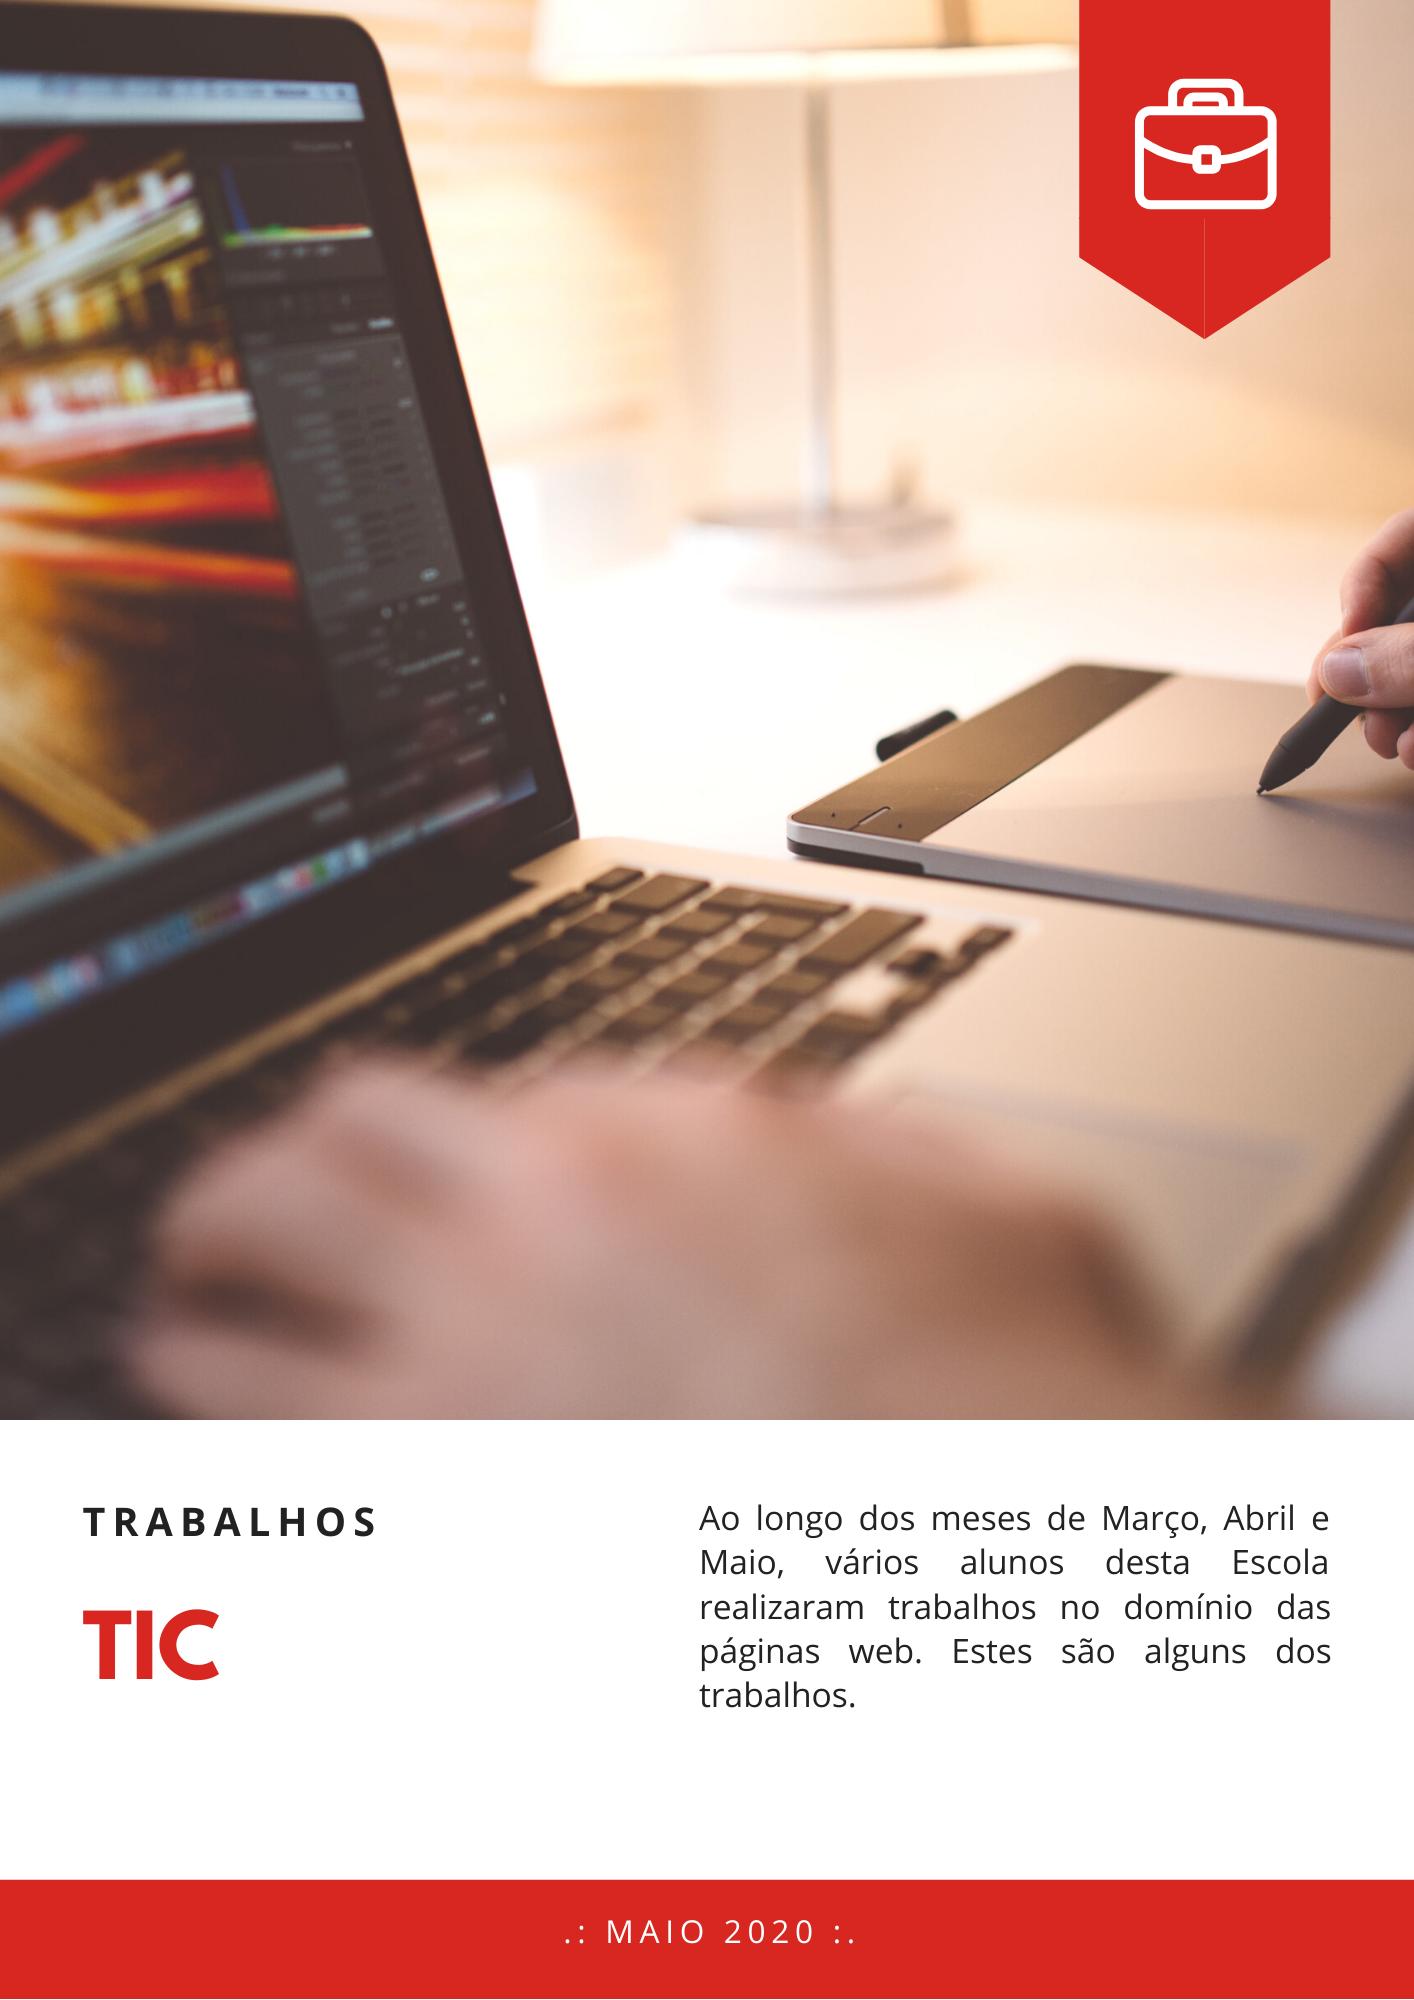 Trabalhos de TIC